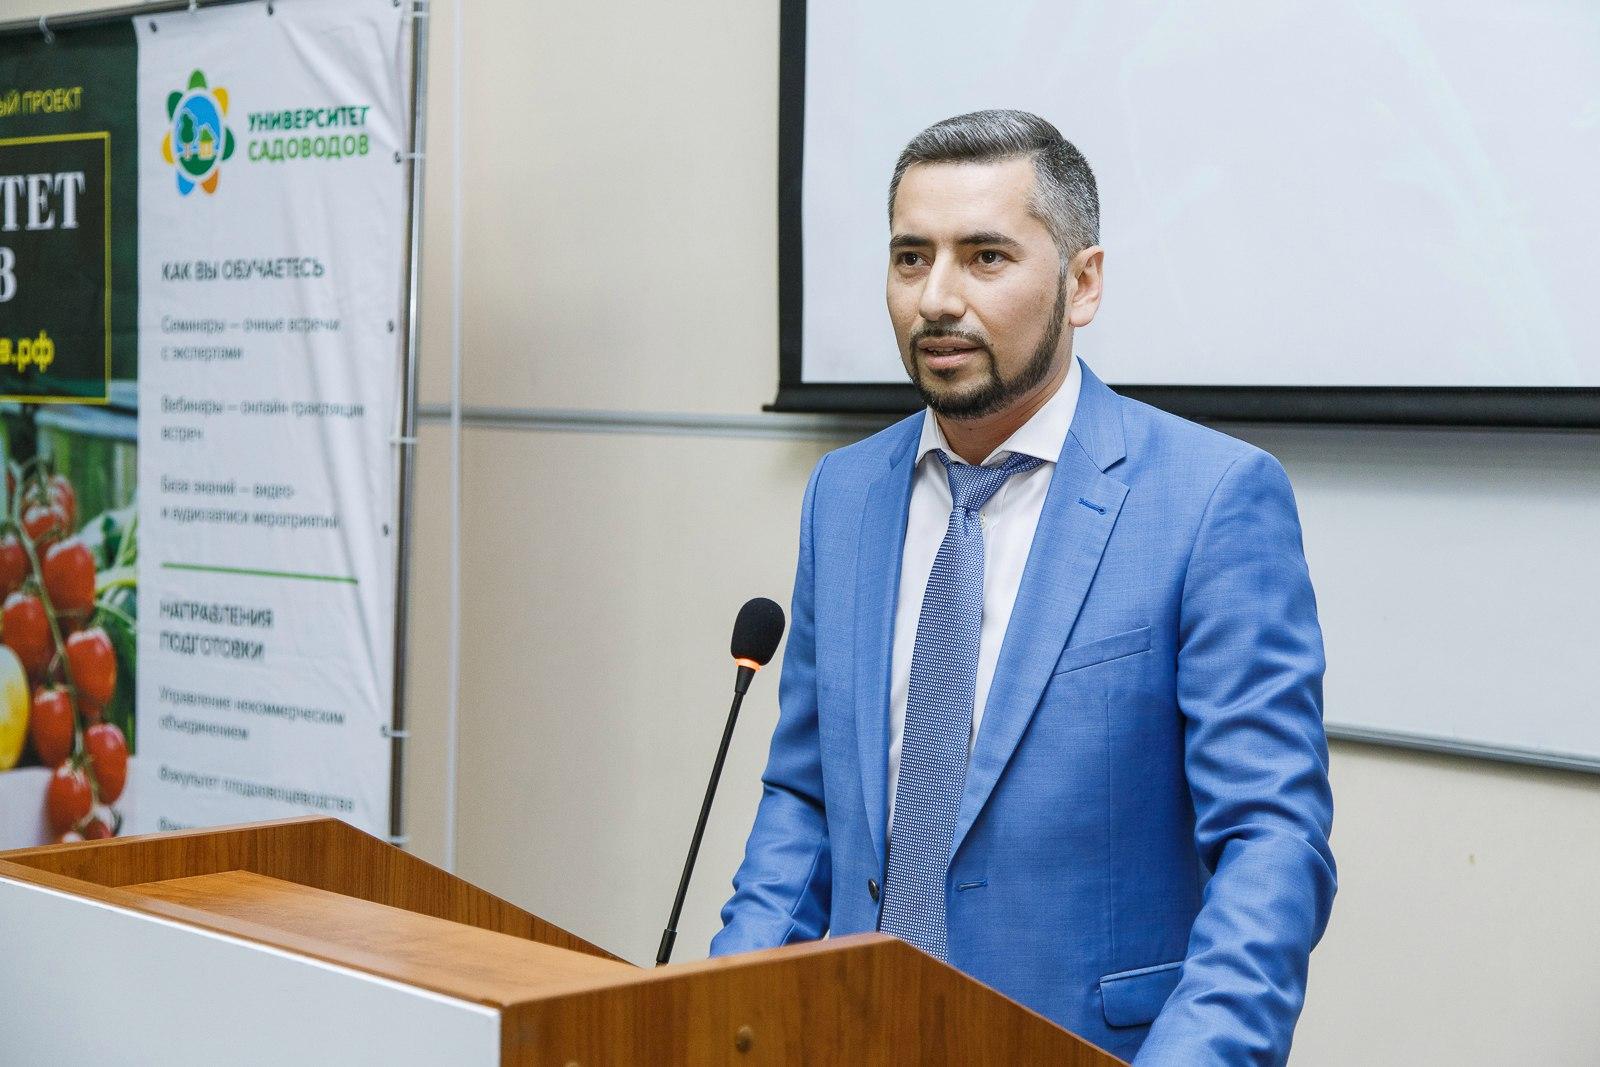 Рустам Мавланов, директор Университета Садоводов